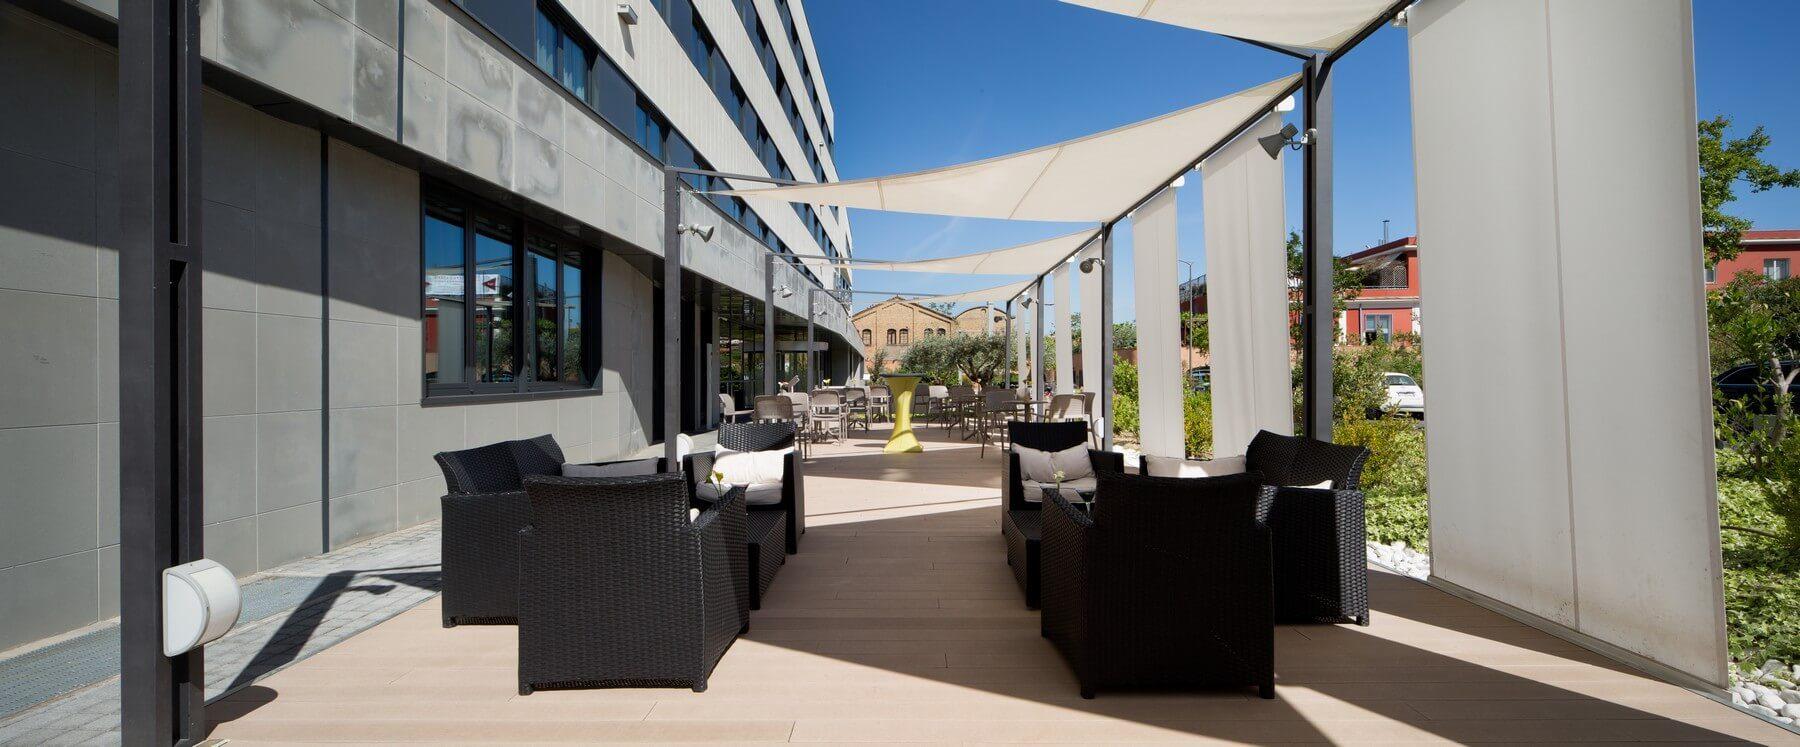 h10-hotel-architetto-morgantini3